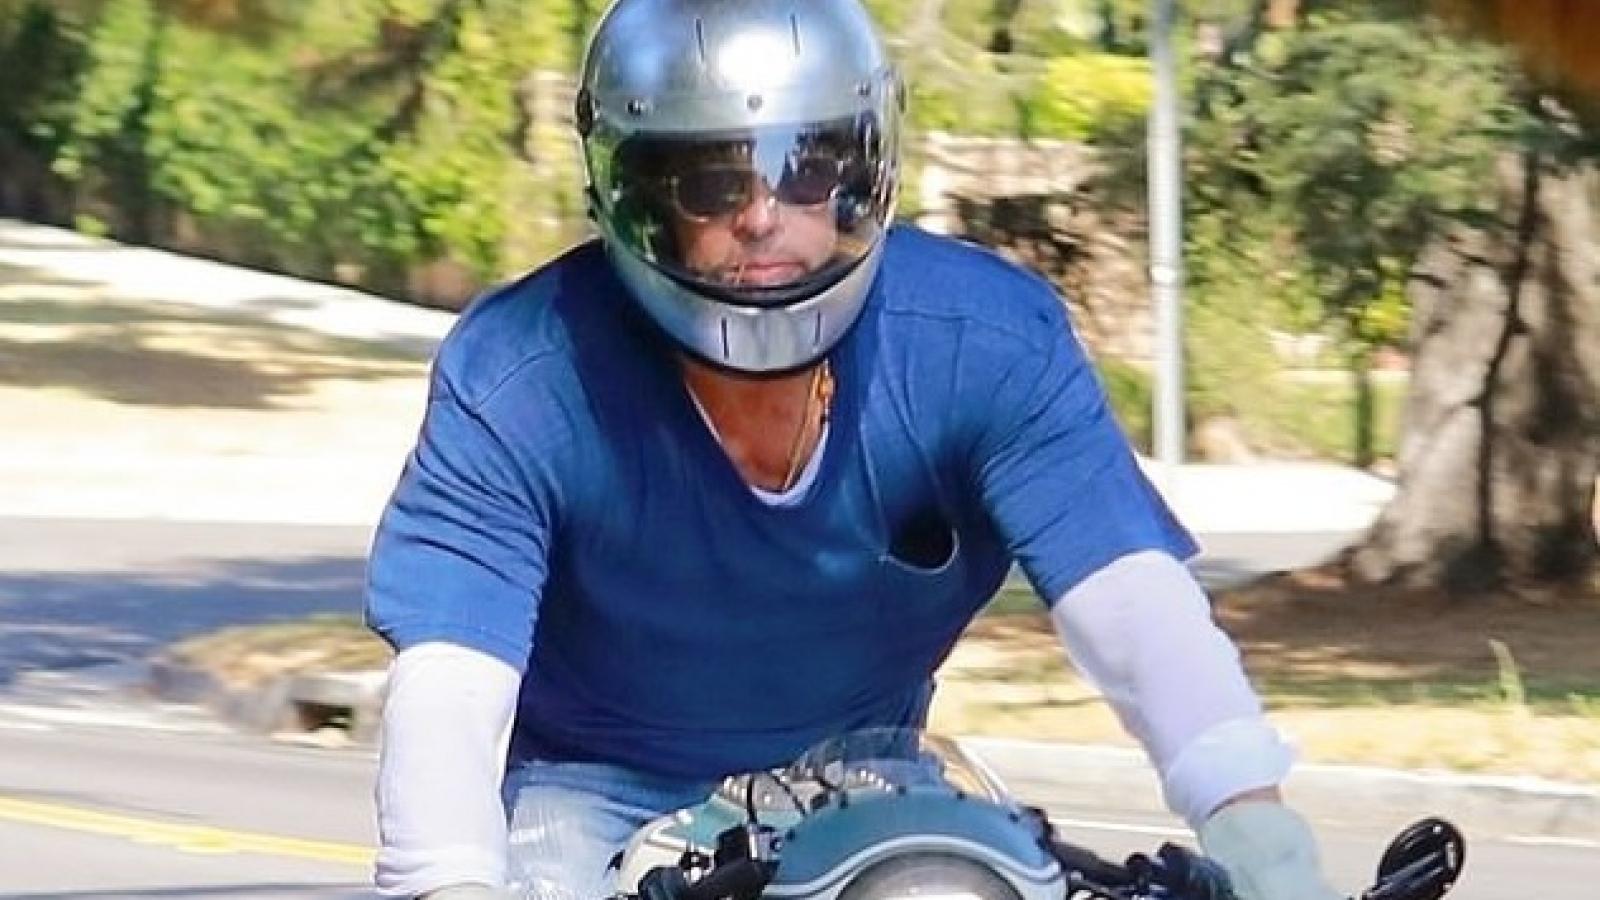 Brad Pitt đội mũ bảo hiểm, lái xe mô tô cực ngầu đến thăm nhà vợ cũ